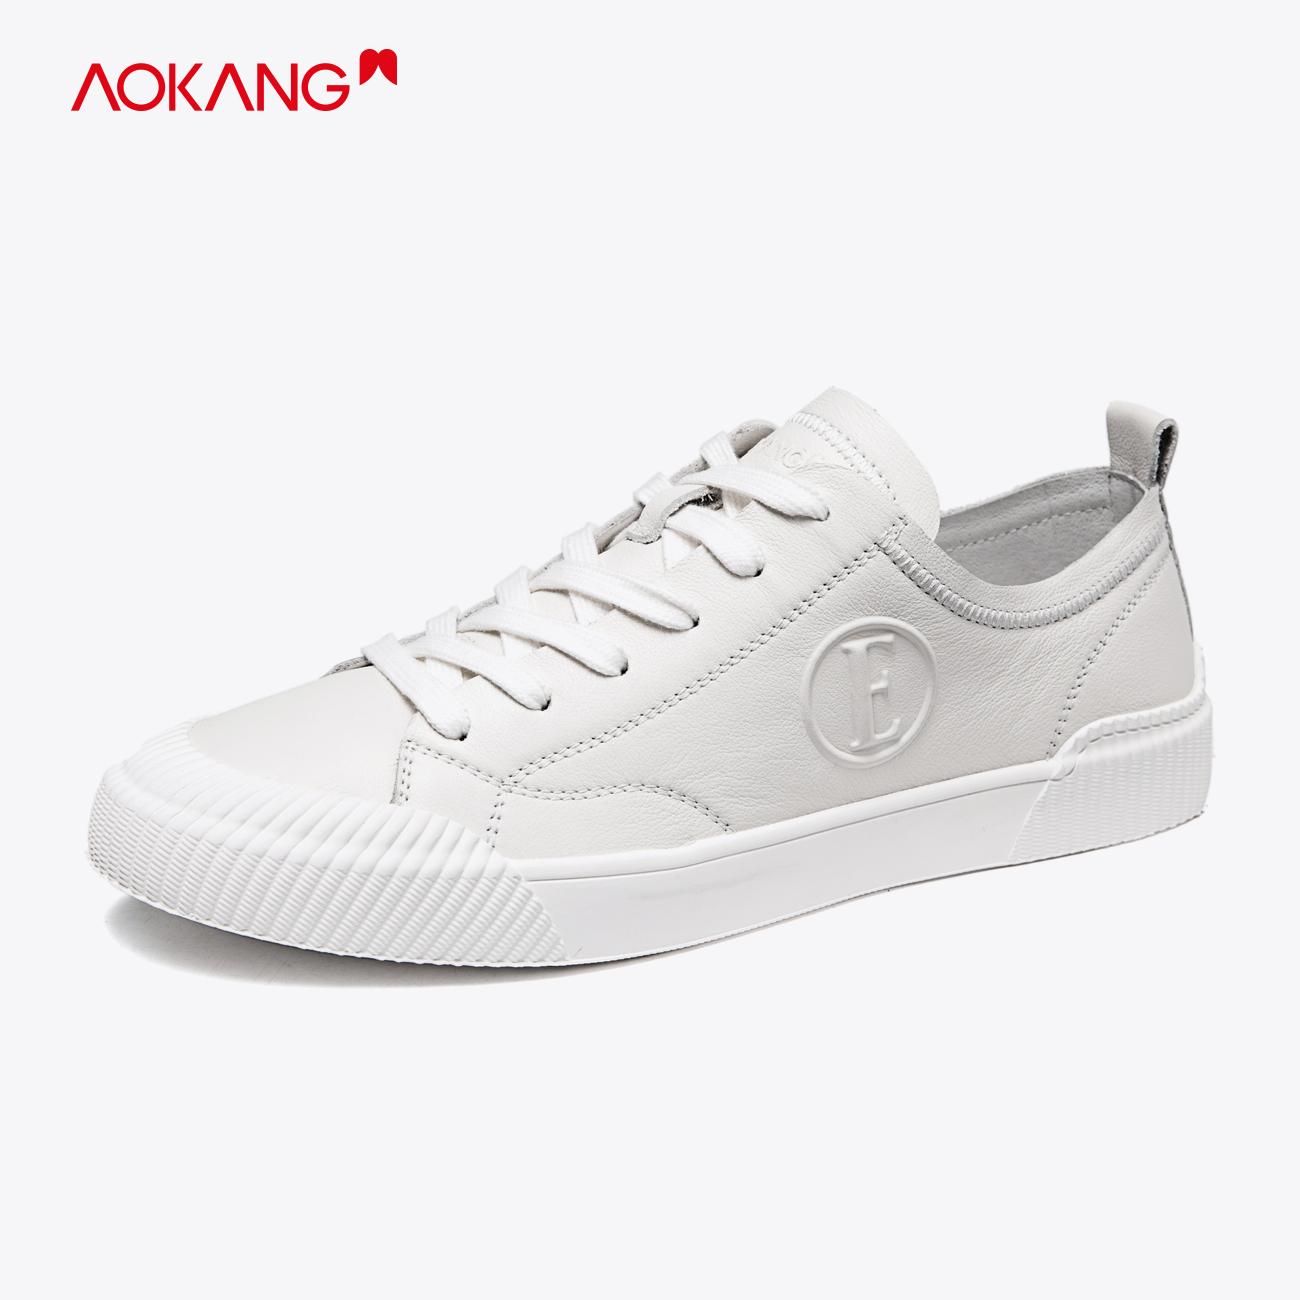 Giày nam Aokang 2020 mùa xuân giày mới, giày nam bằng da thoải mái, đế mềm, đế thấp, giày đế thấp, giày đế mềm - Giày thấp